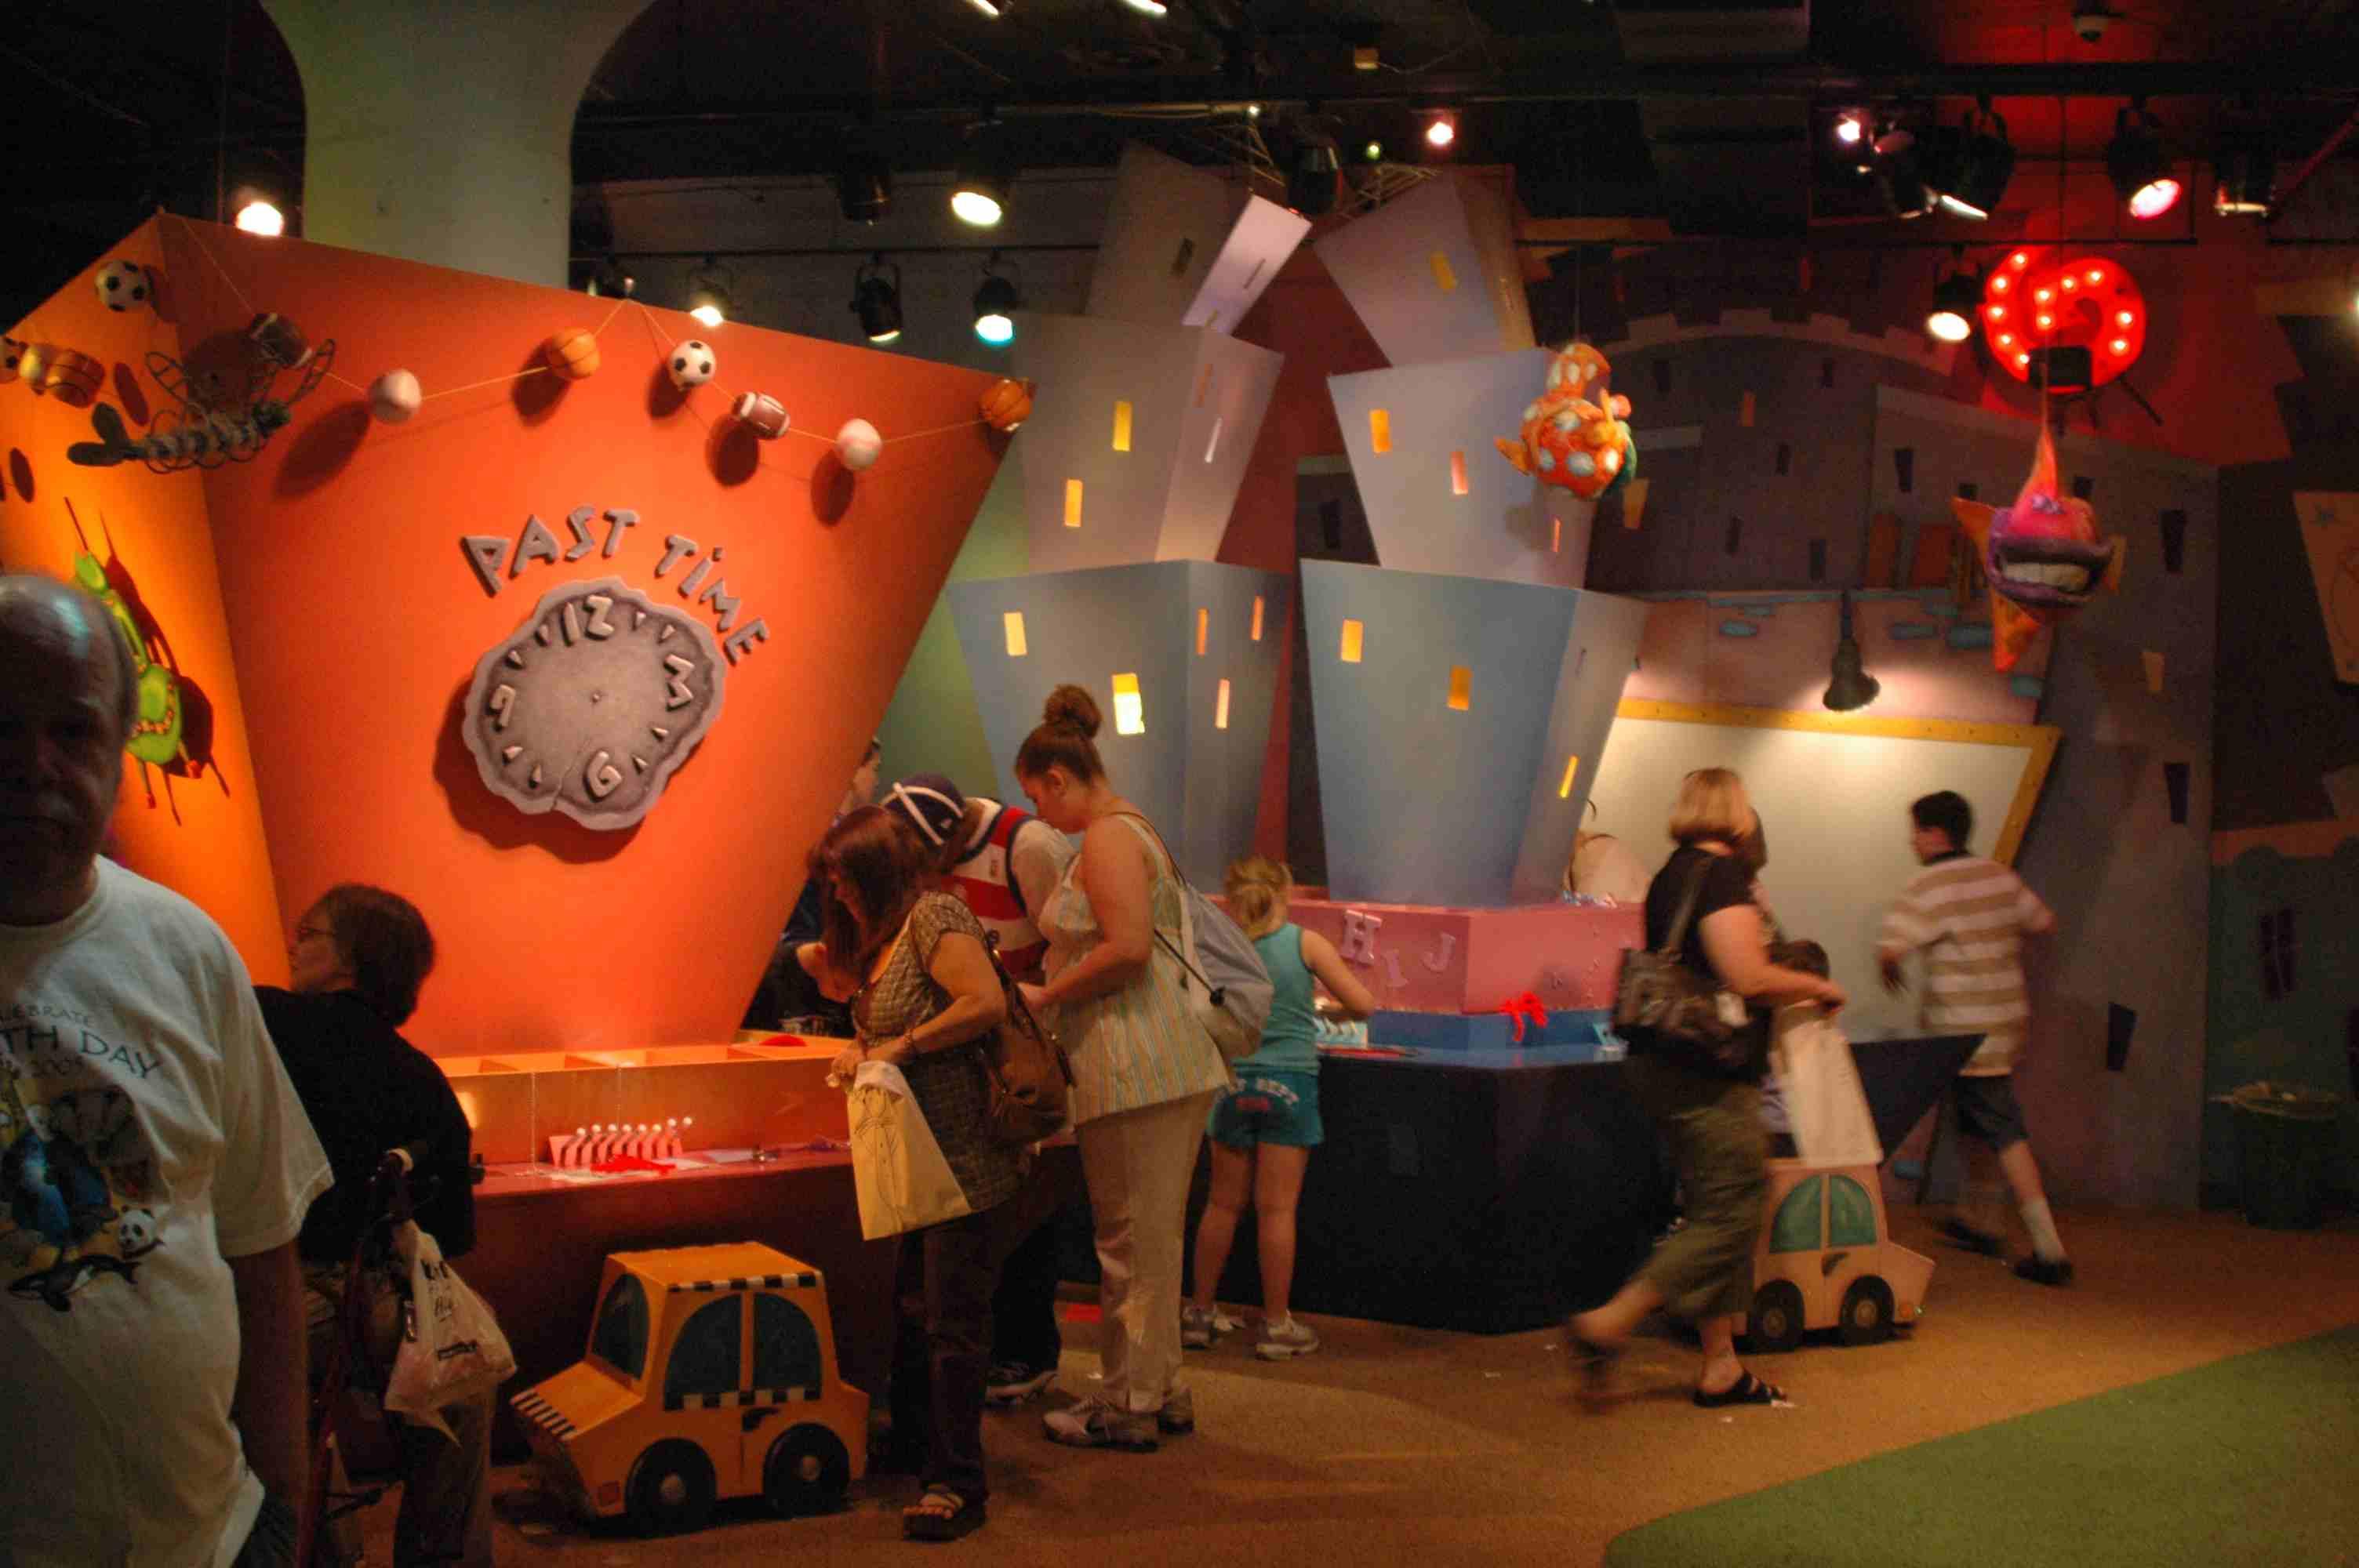 Families playing at Kaleidoscope in Kansas City